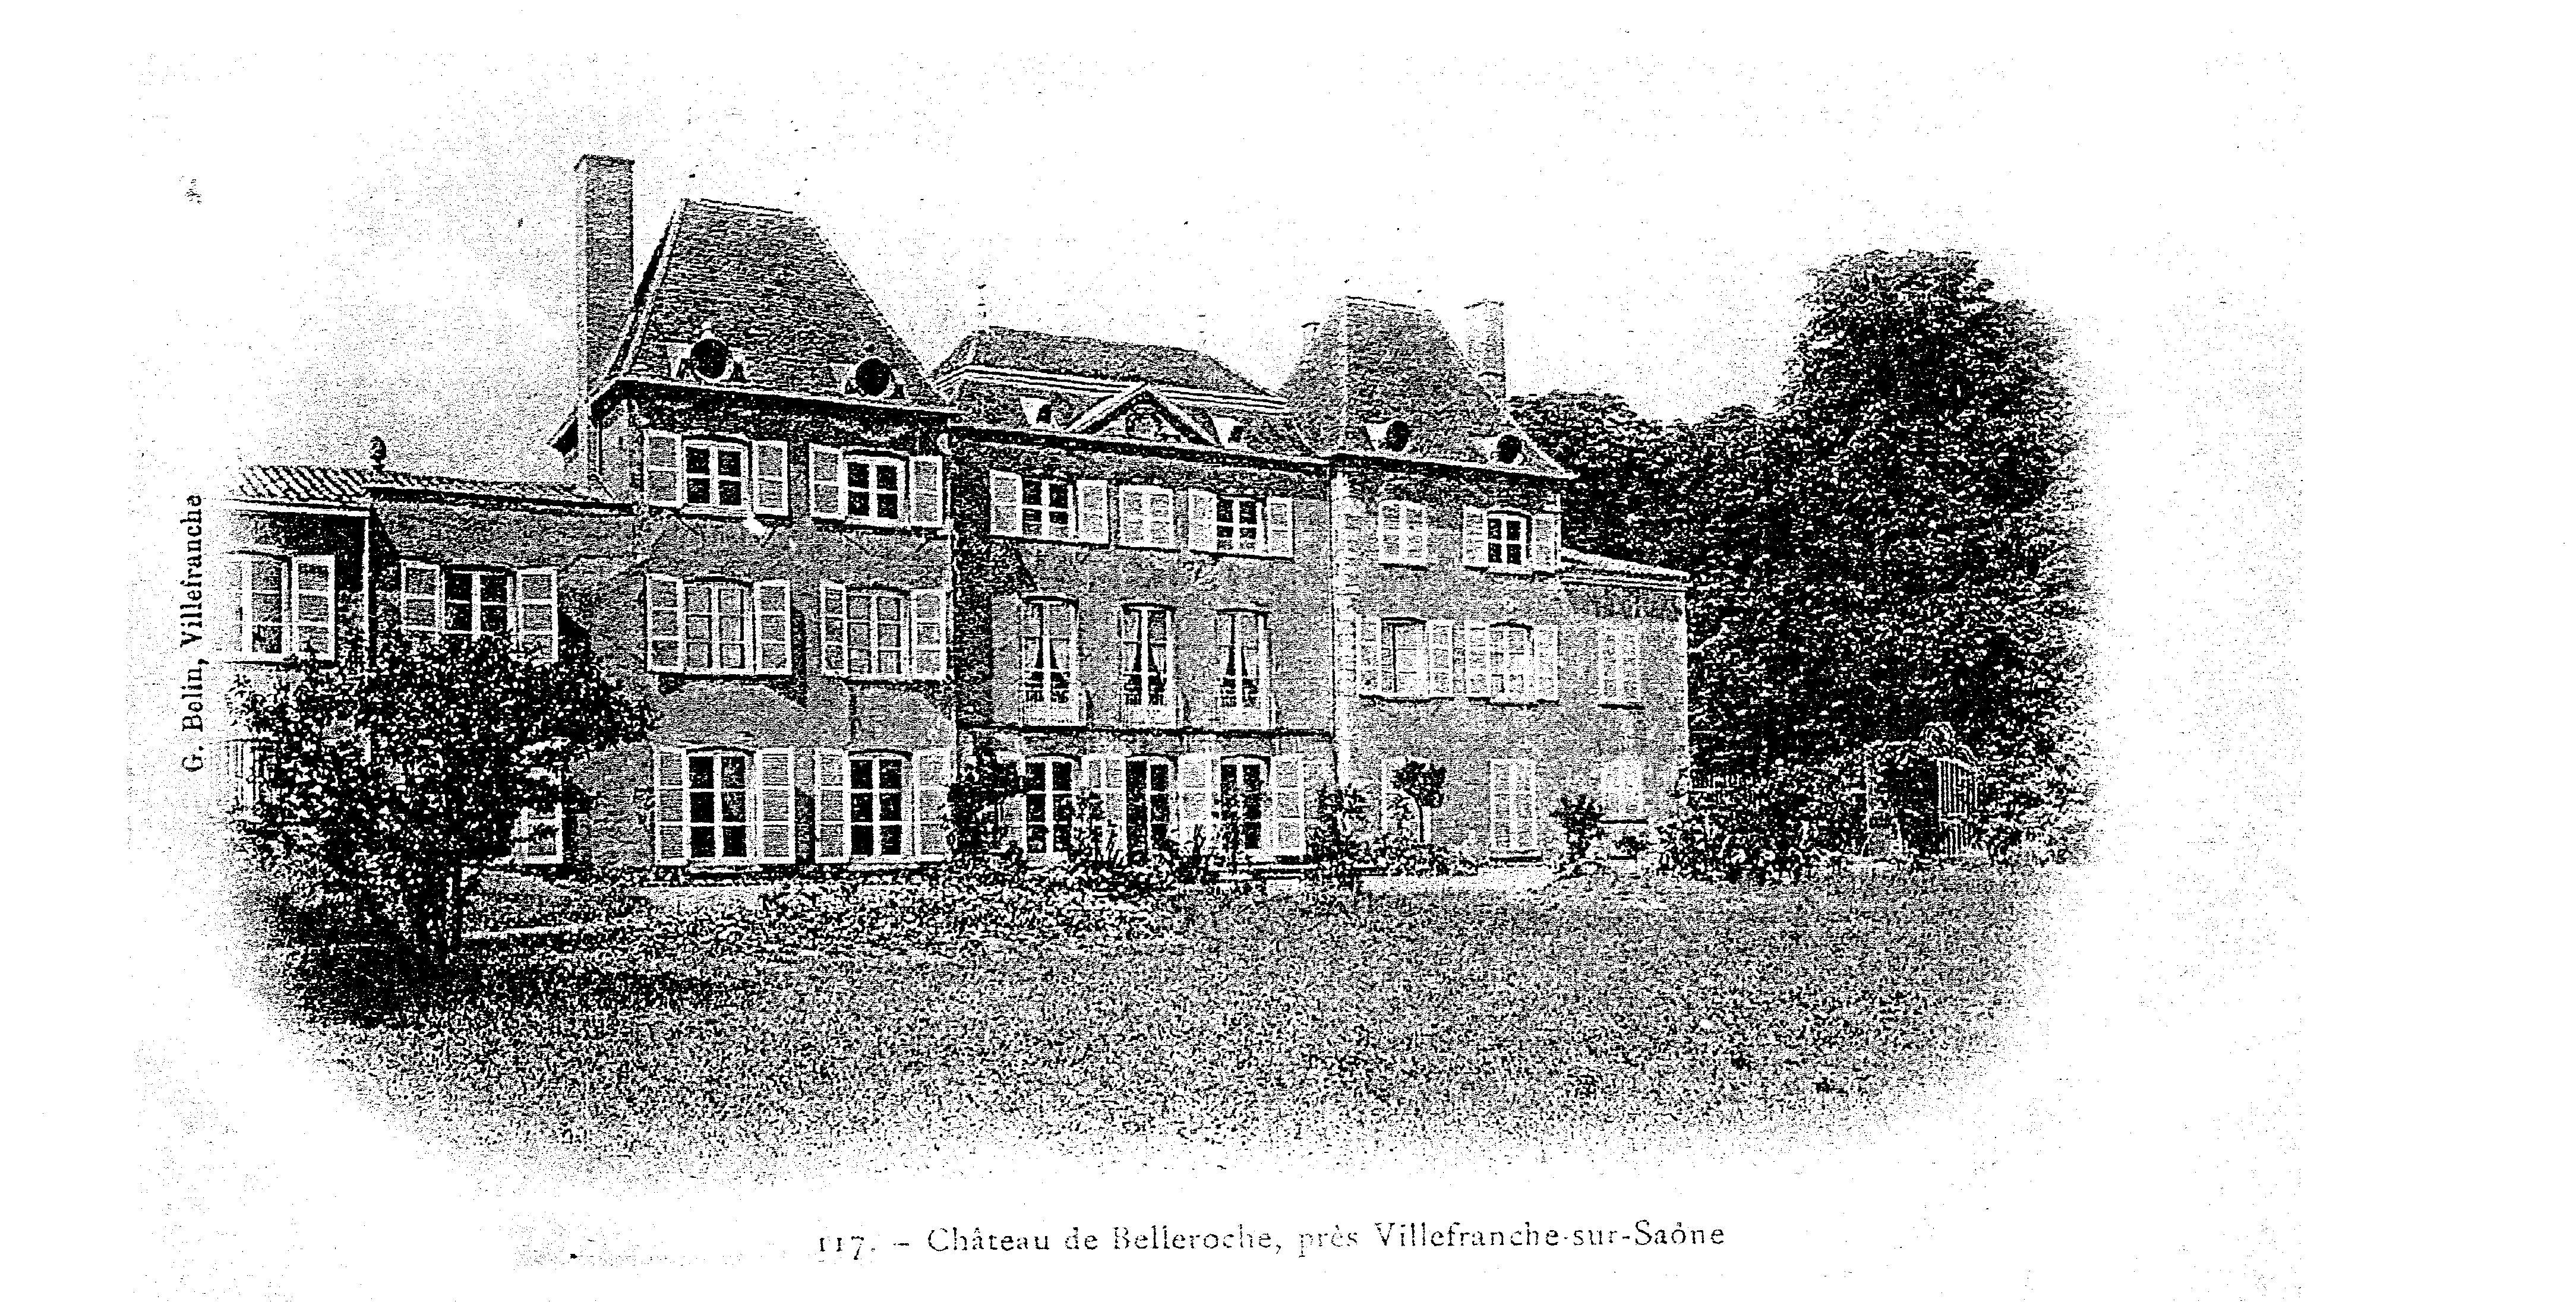 Histoire - Chateau de Belleroche.jpg